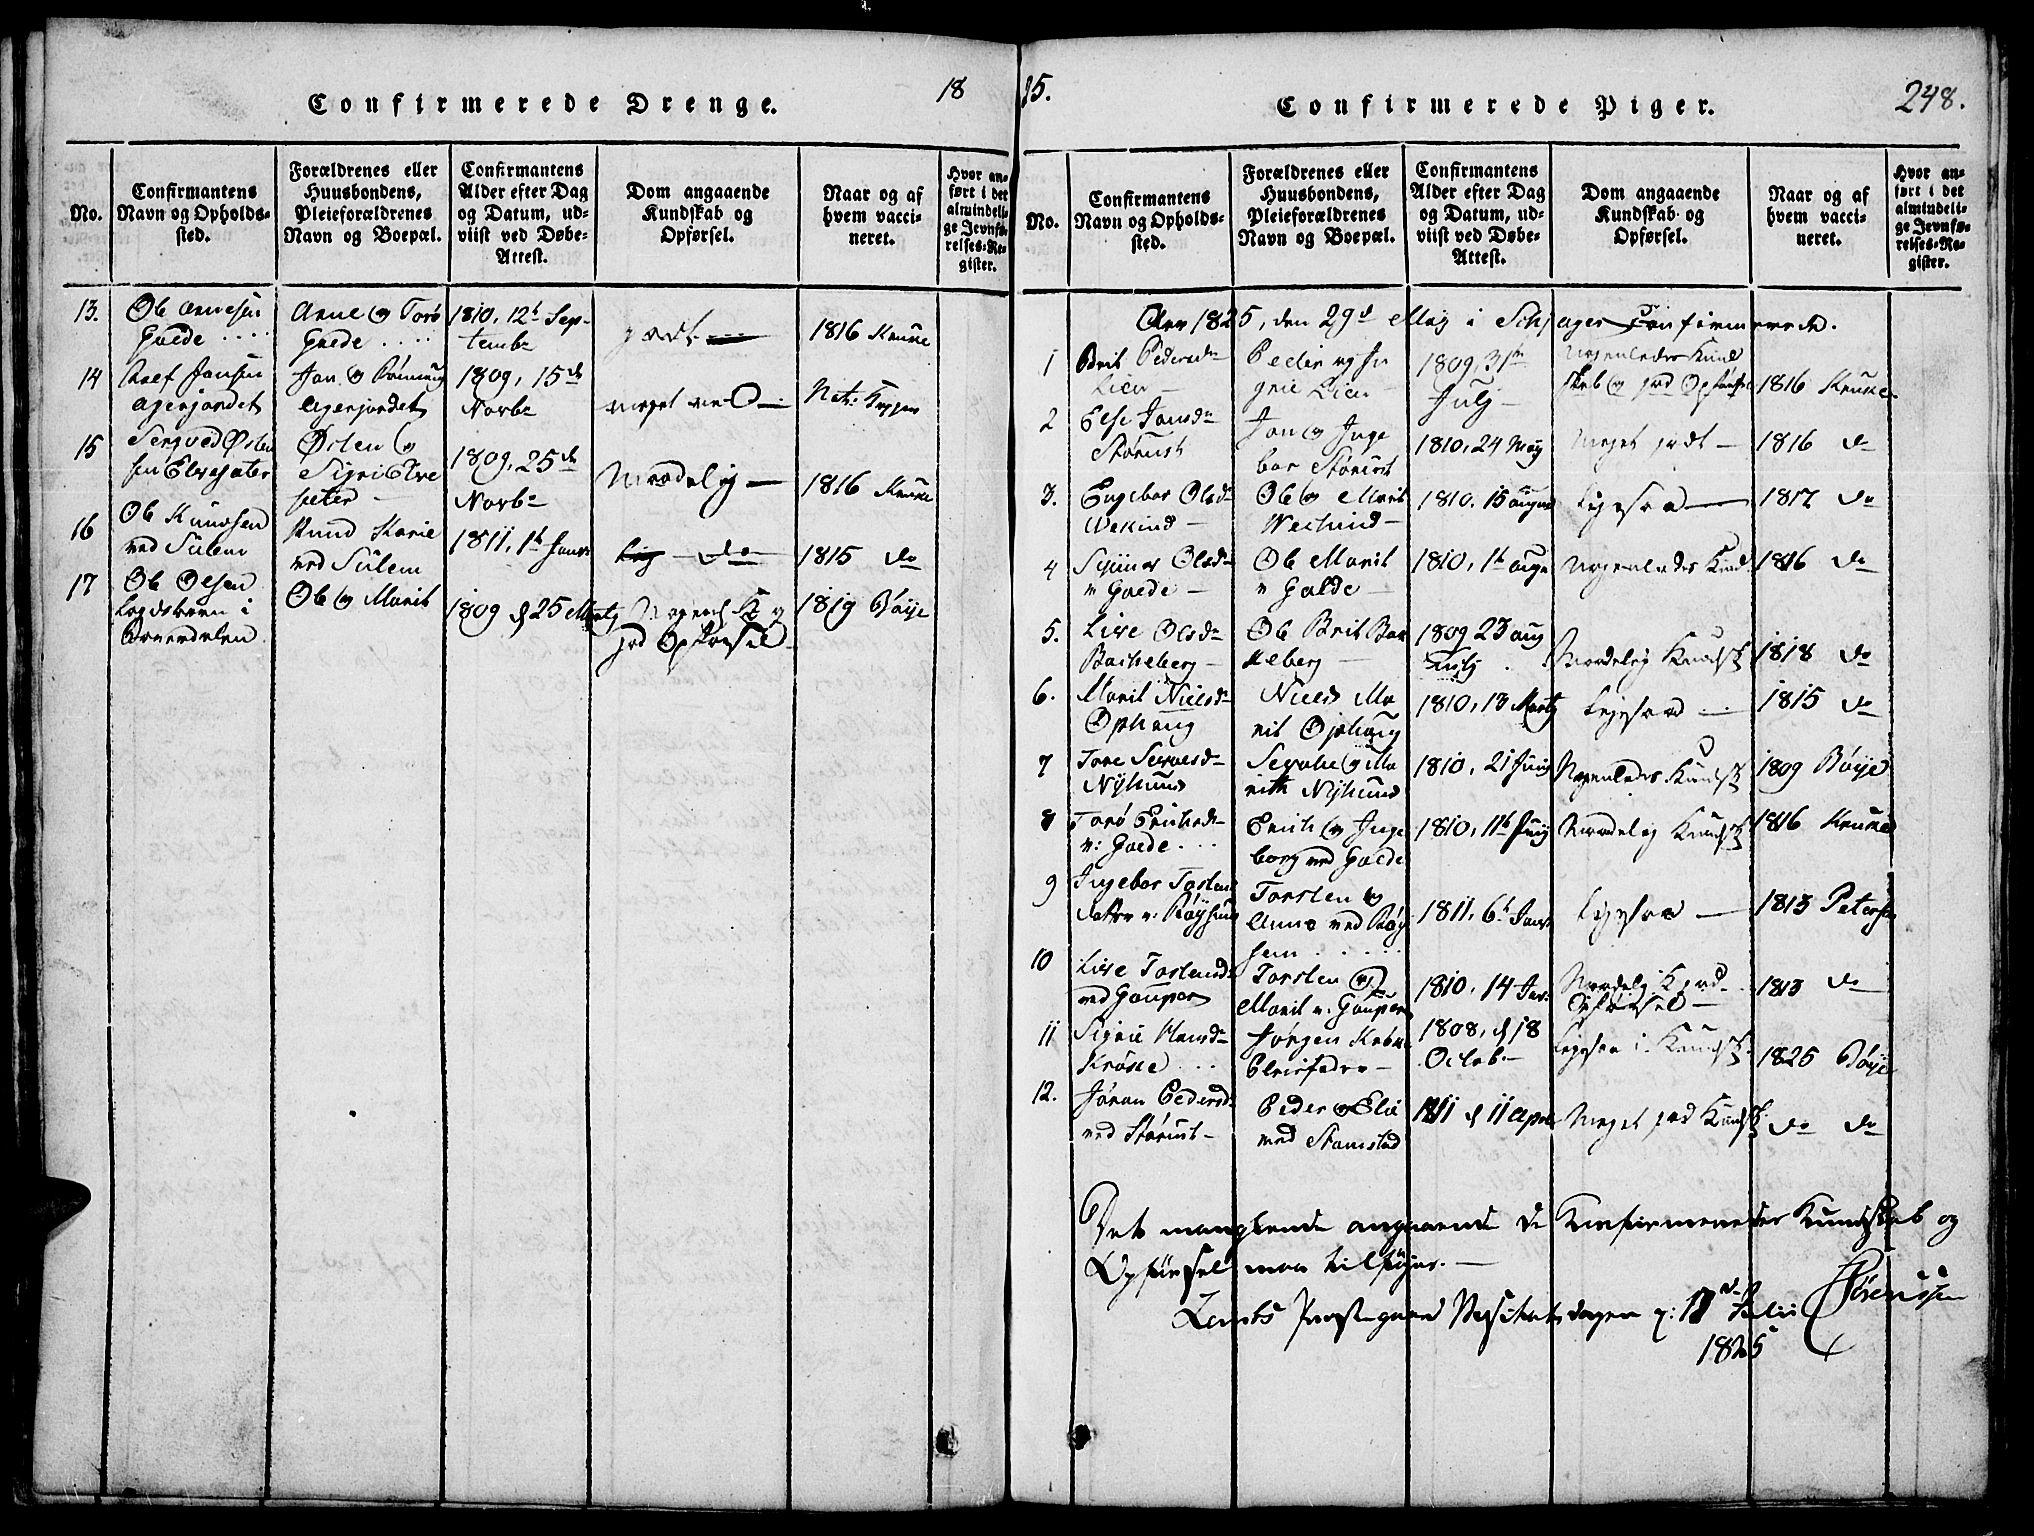 SAH, Lom prestekontor, L/L0001: Klokkerbok nr. 1, 1815-1836, s. 248